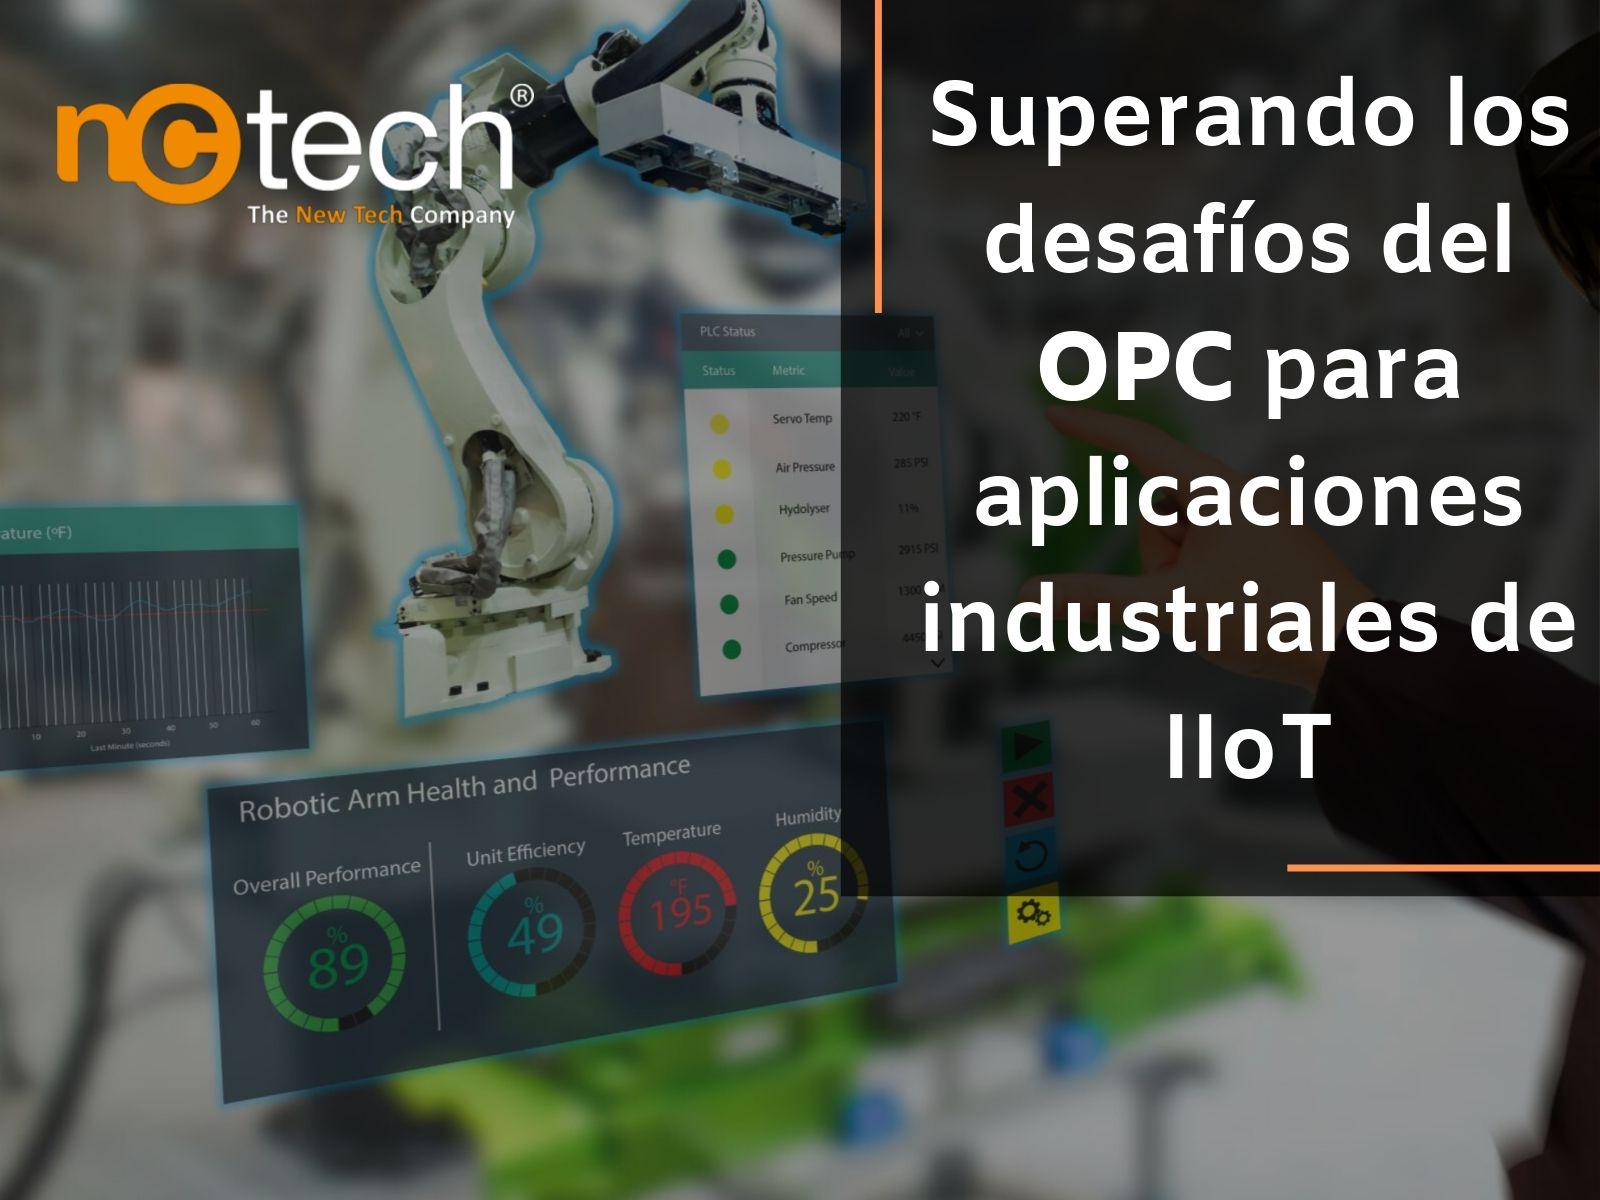 Superando los desafíos del OPC para aplicaciones industriales de IIoT